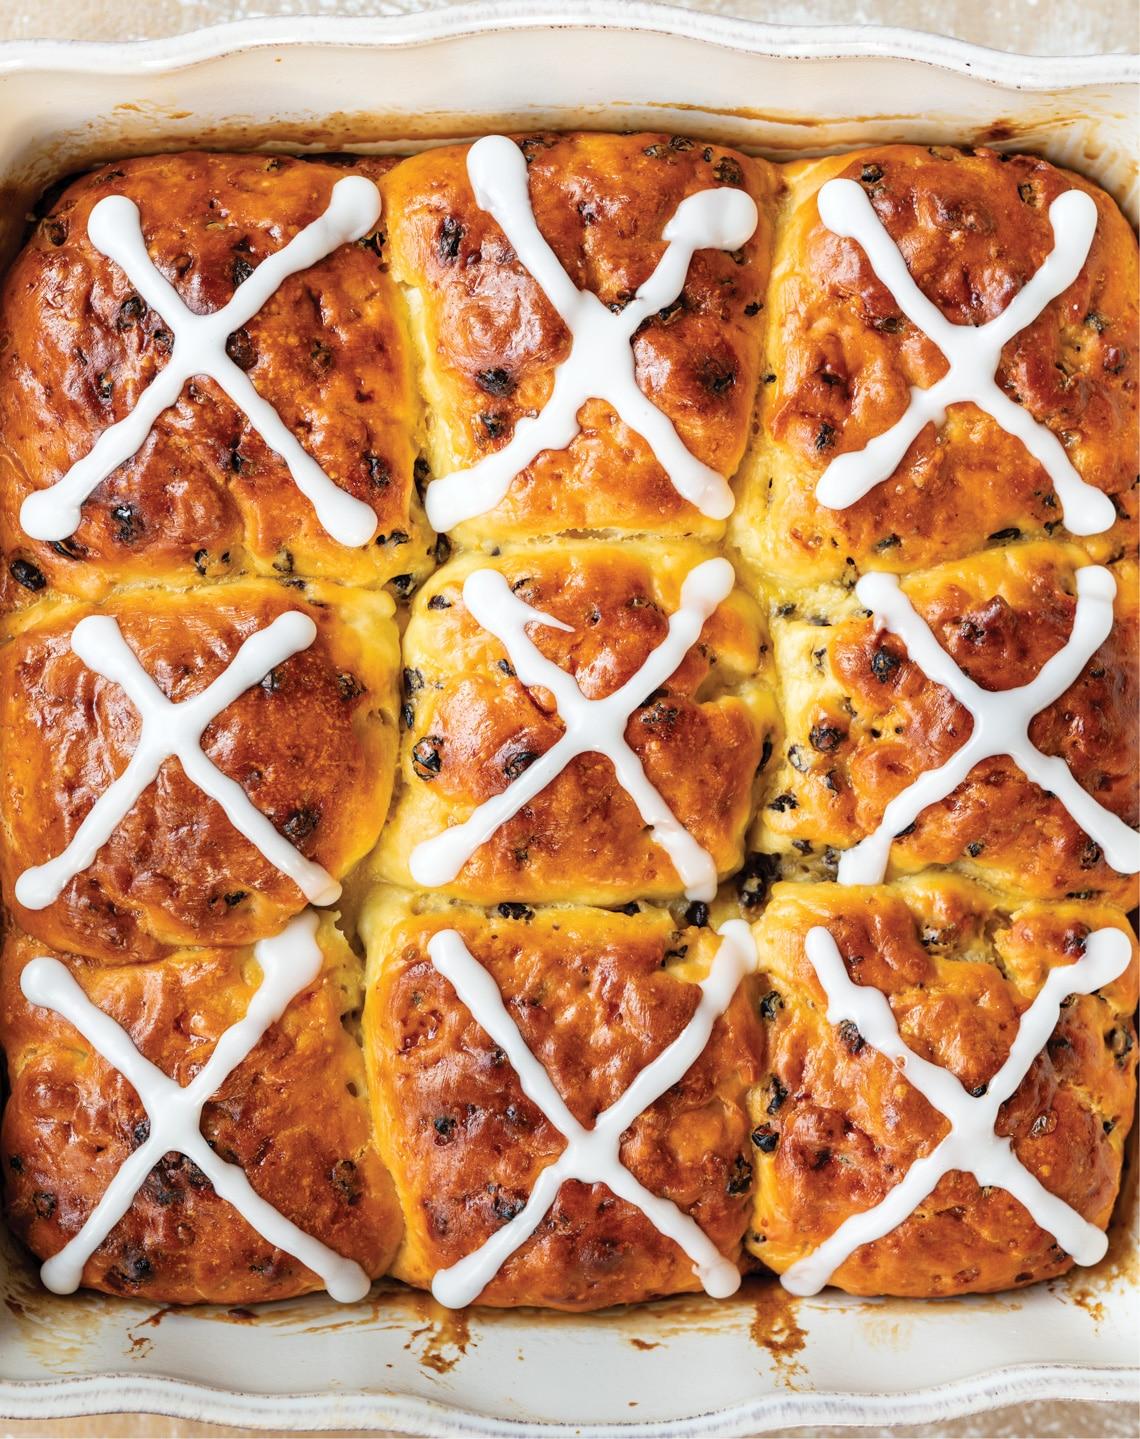 Hot cross buns by Flour Craft